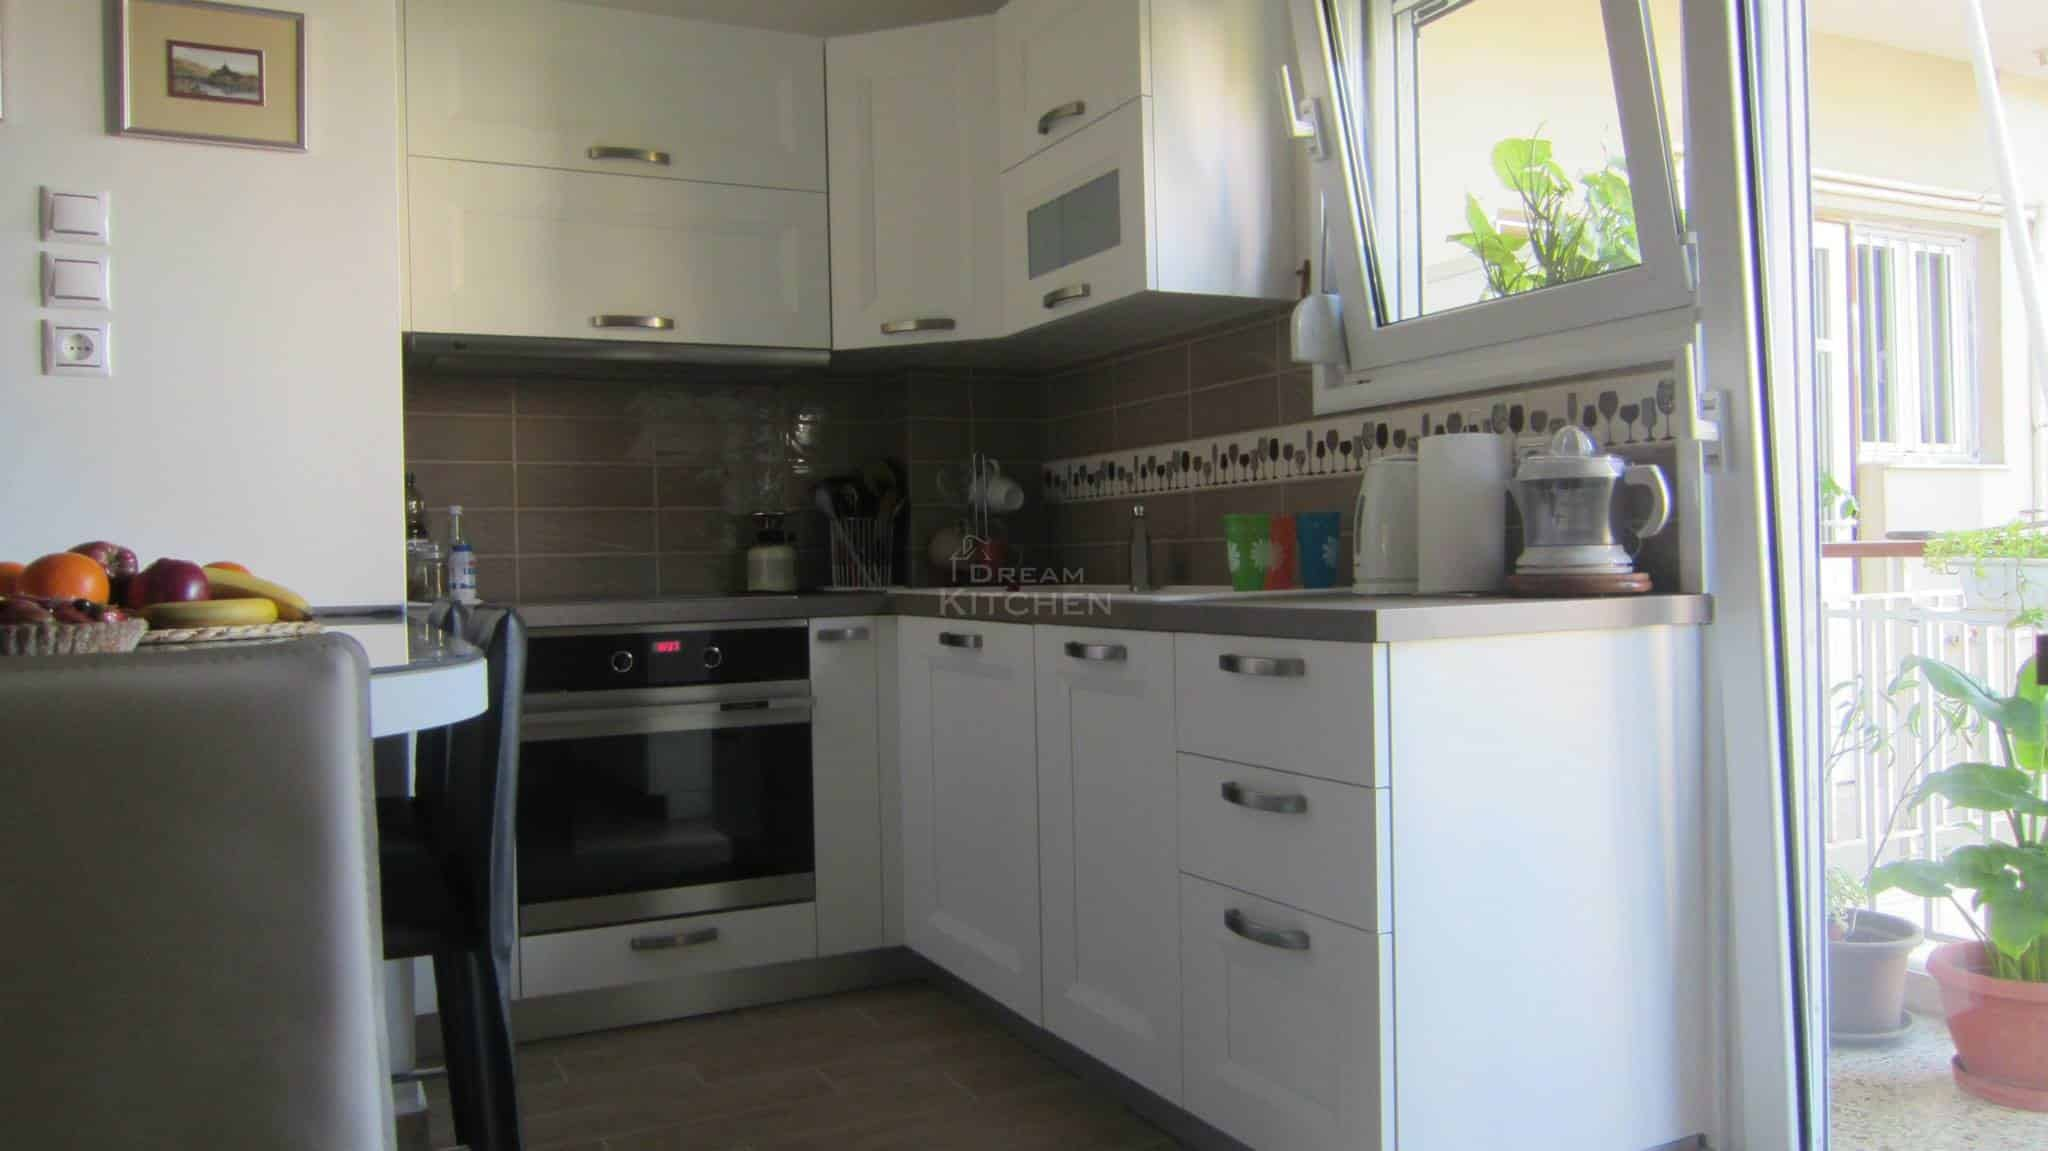 Κουζινα Πολυμερικο σε λευκο χρωματισμο 1